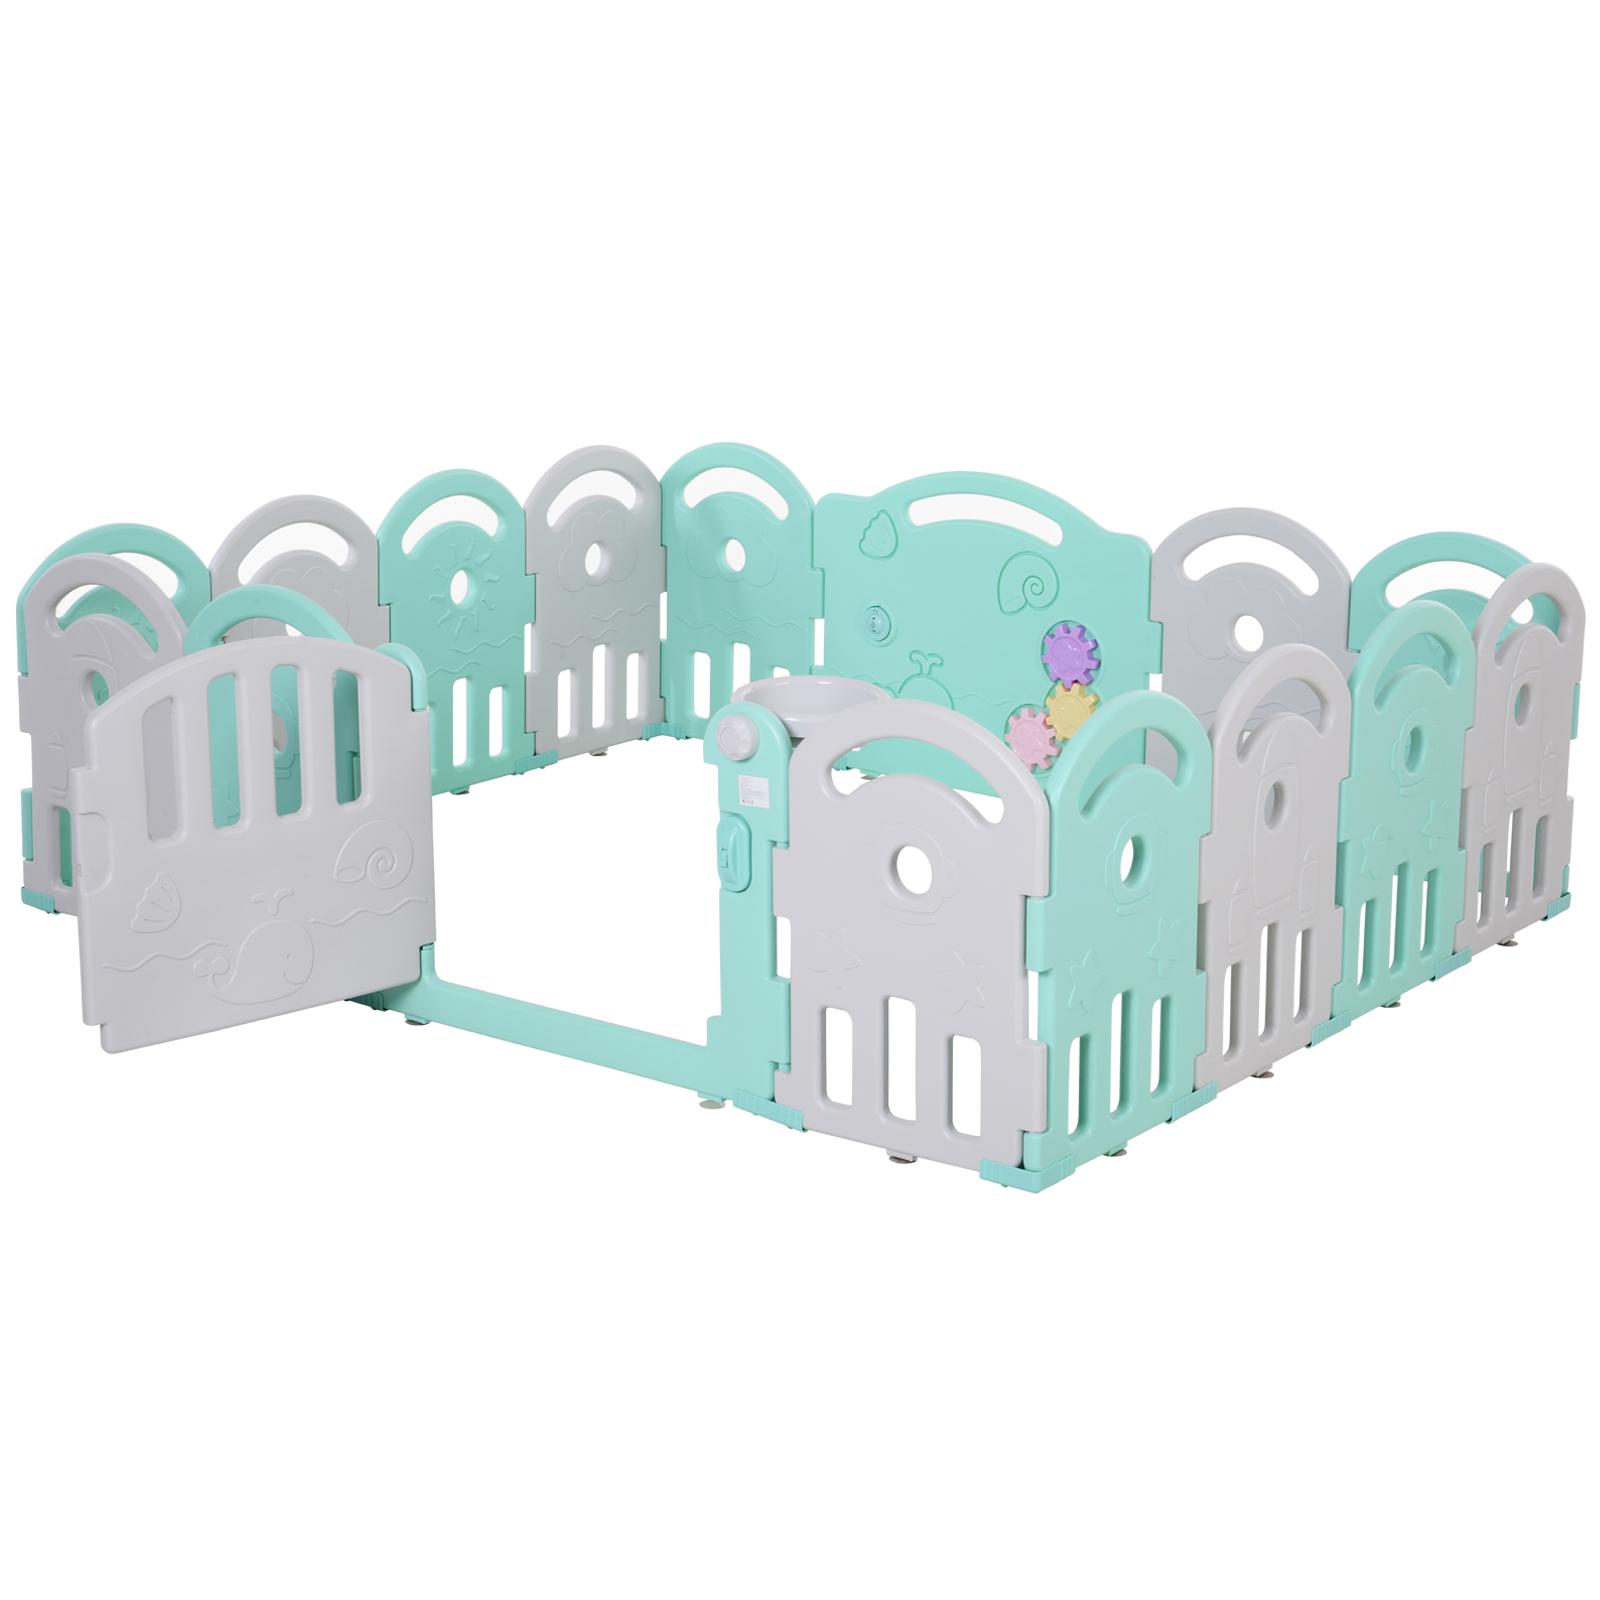 Qaba-16-Pcs-Safety-Children-Playpen-Green-Game-Panel-Anti-Pushing-Over thumbnail 14